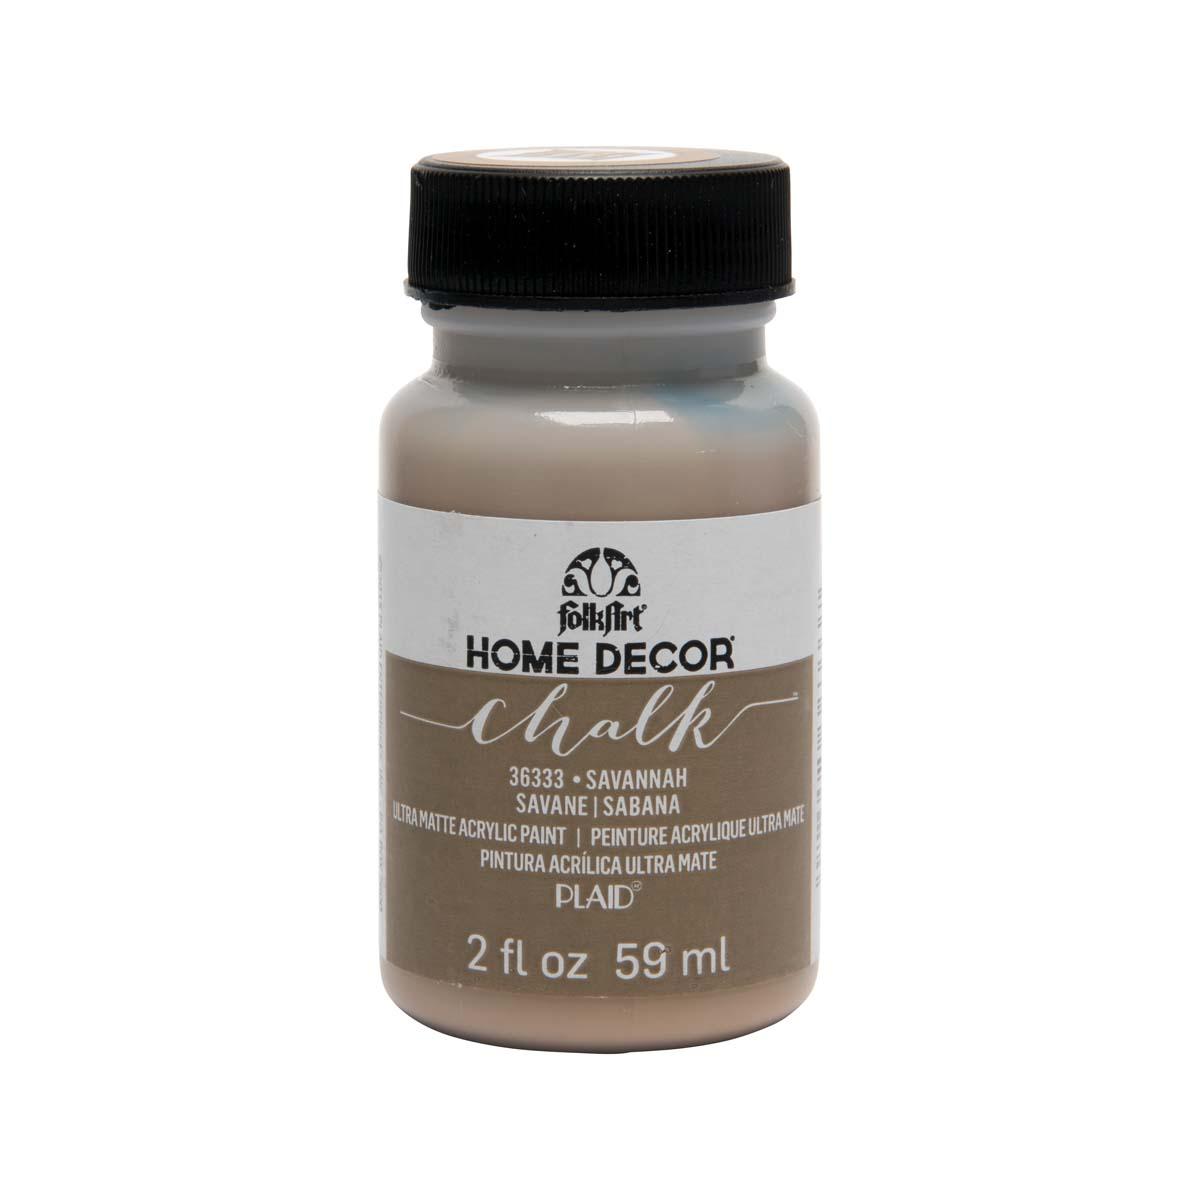 FolkArt ® Home Decor™ Chalk - Savannah, 2 oz.